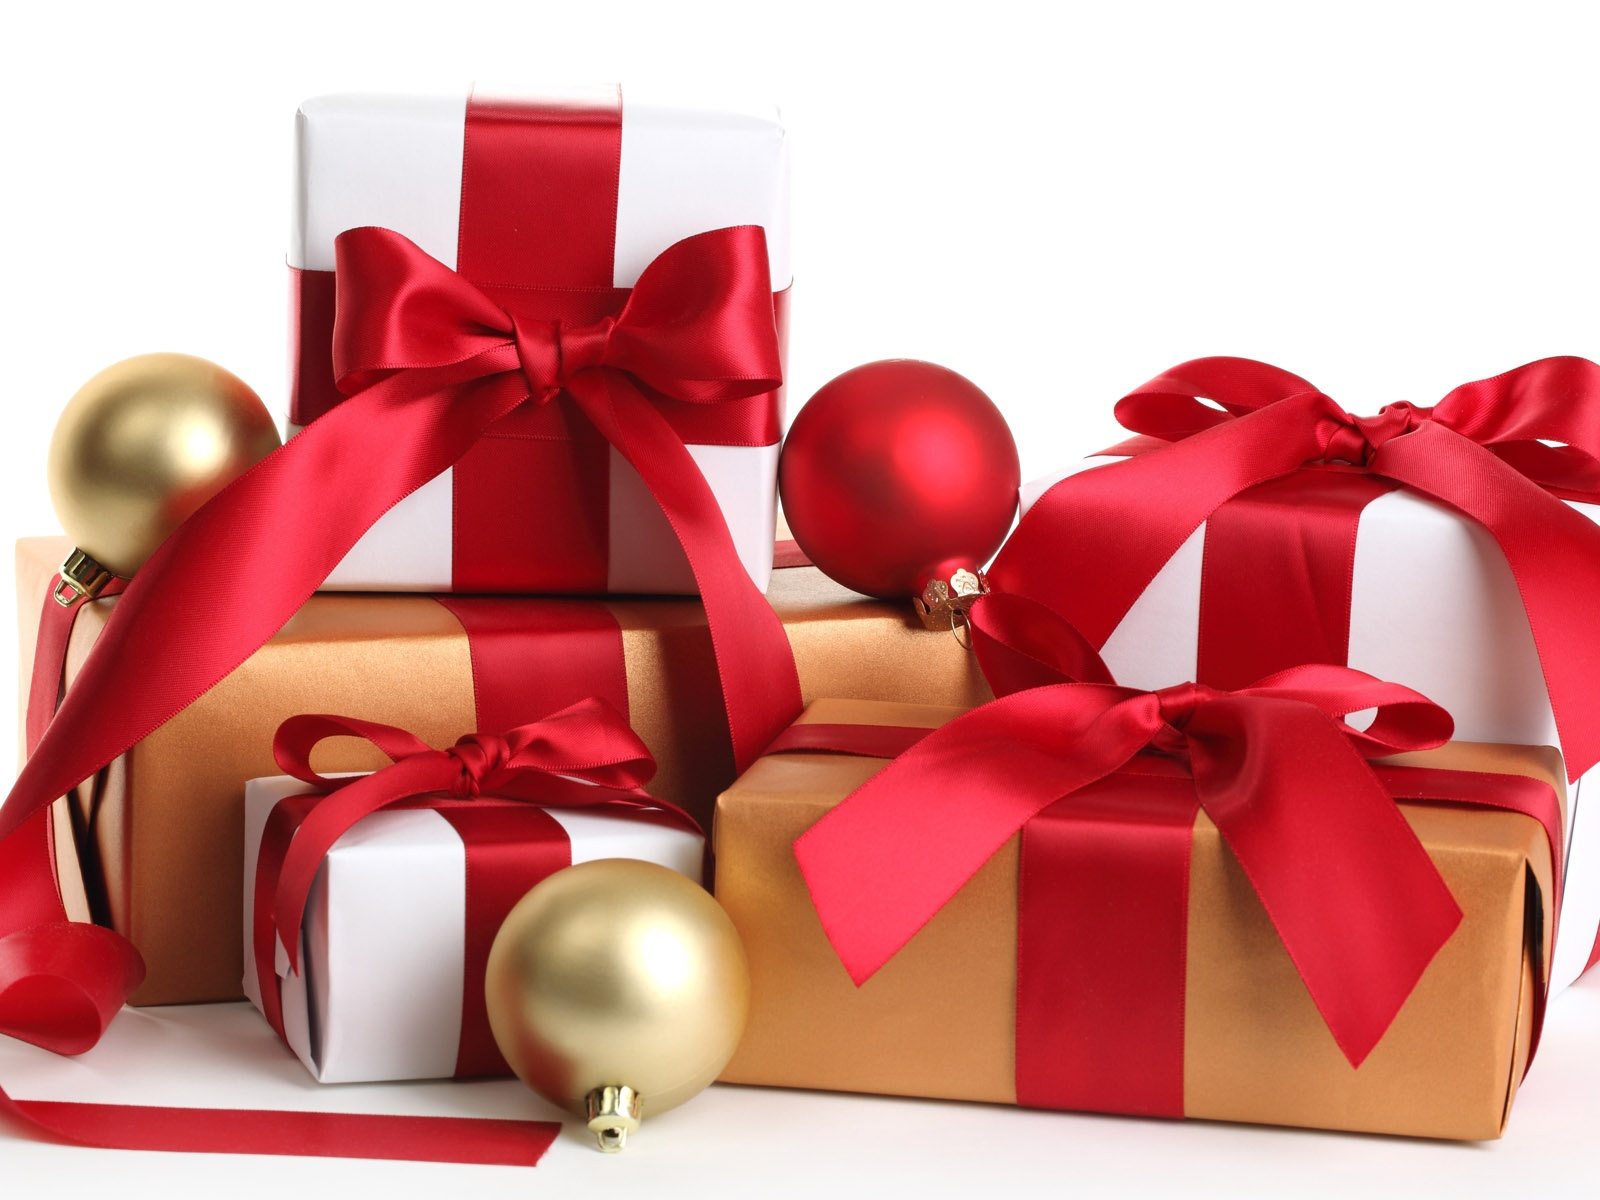 weihnachtsgeschenk verpackt hintergrundbilder 1600x1200. Black Bedroom Furniture Sets. Home Design Ideas